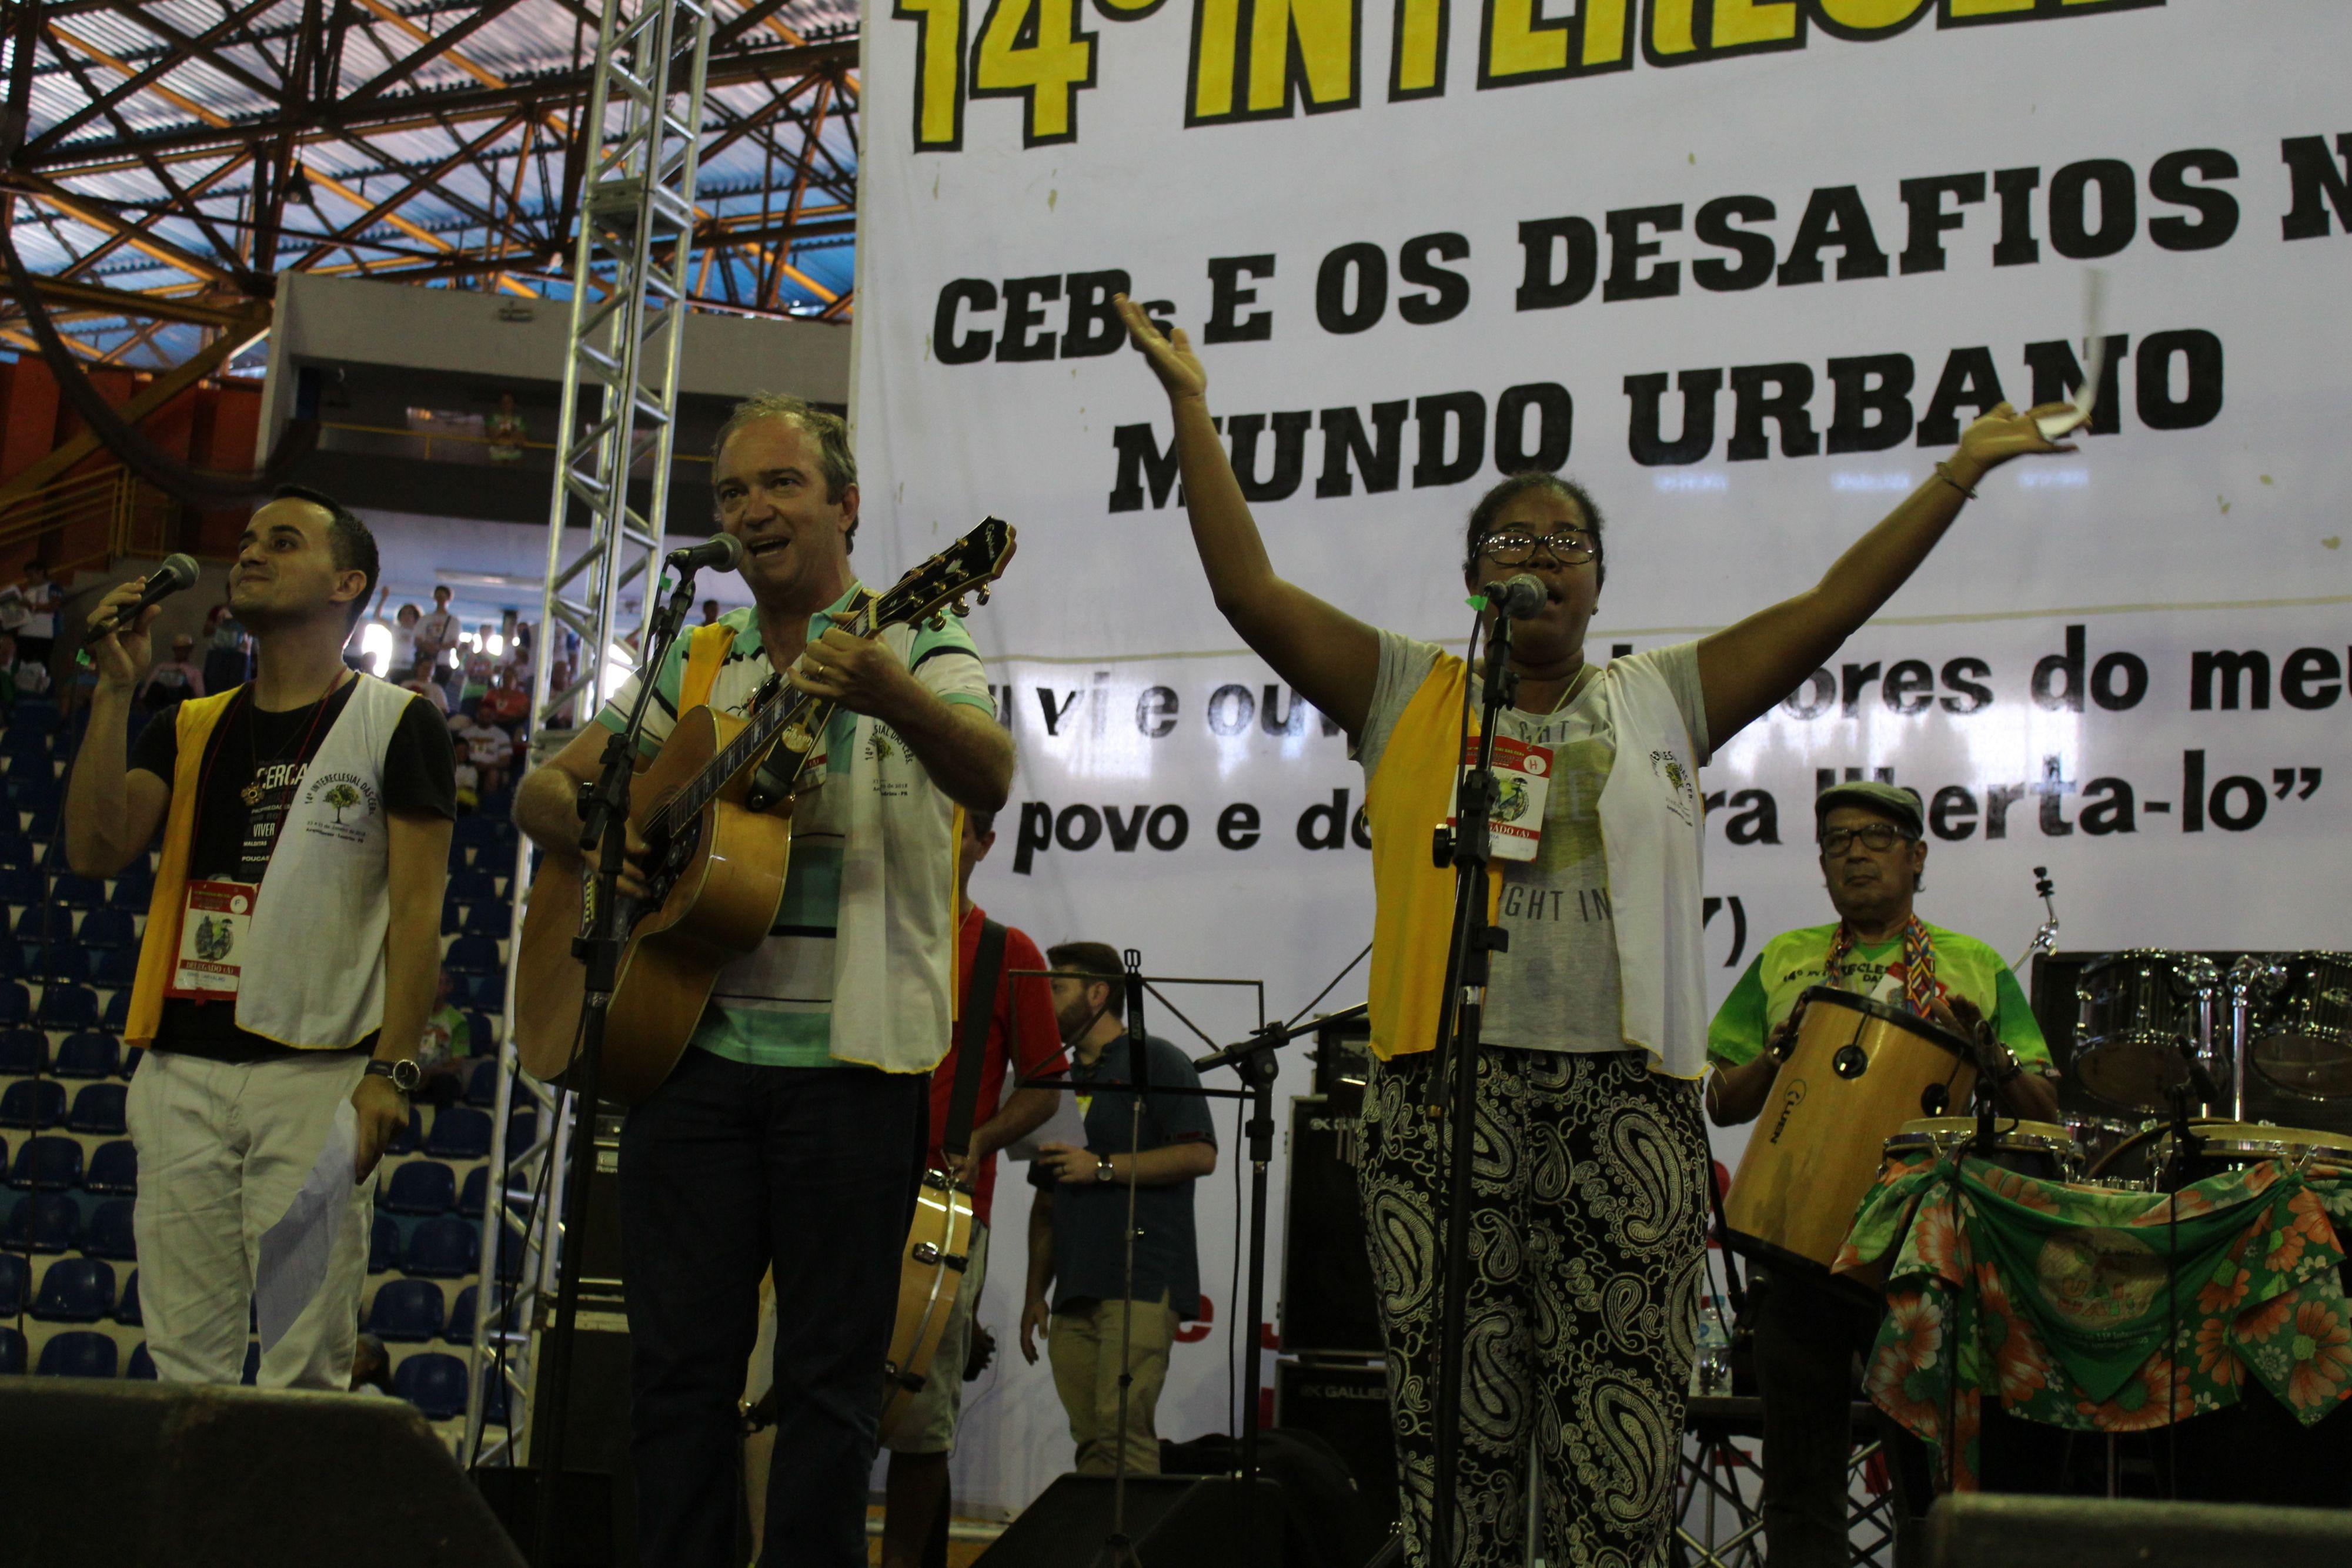 Alegrias e Expectativas do Regional Oeste II no 14º Intereclesial em Londrina